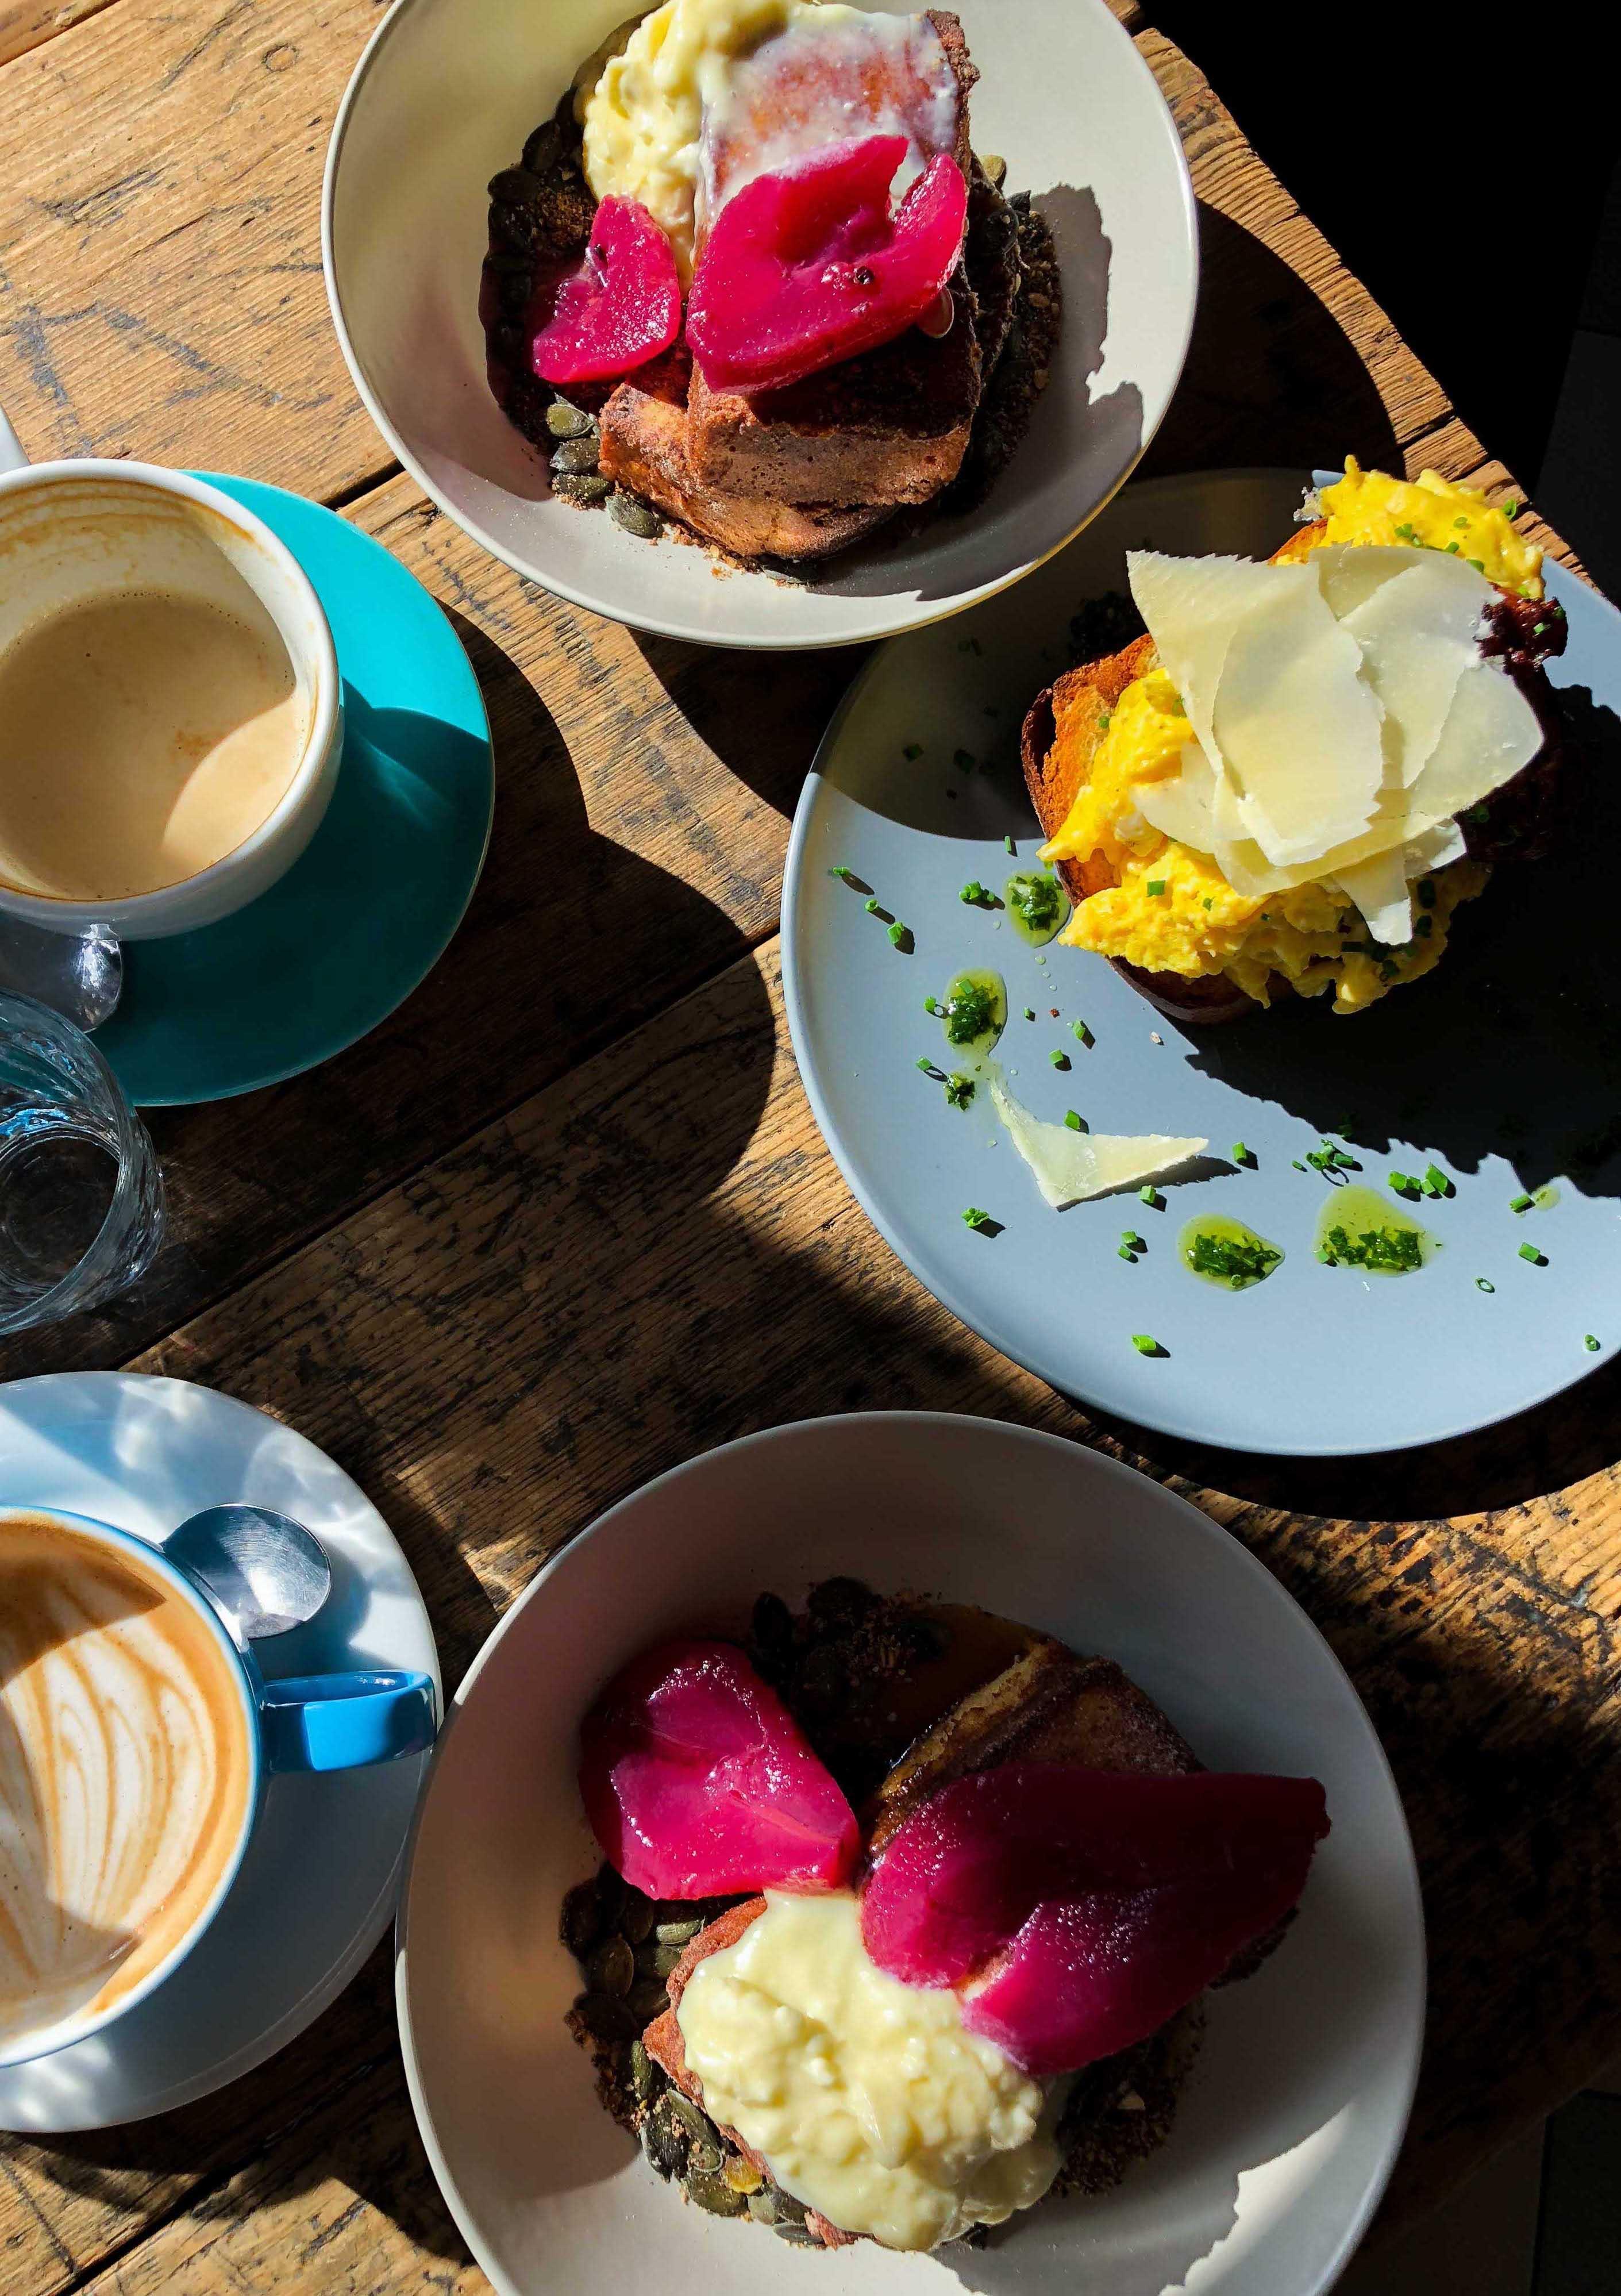 Cafe Letka Frühstück Restaurant Insider Tipps Prag Food Tipps besten Restaurants brunchen Reiseblog Frenchtoast Eieromlette